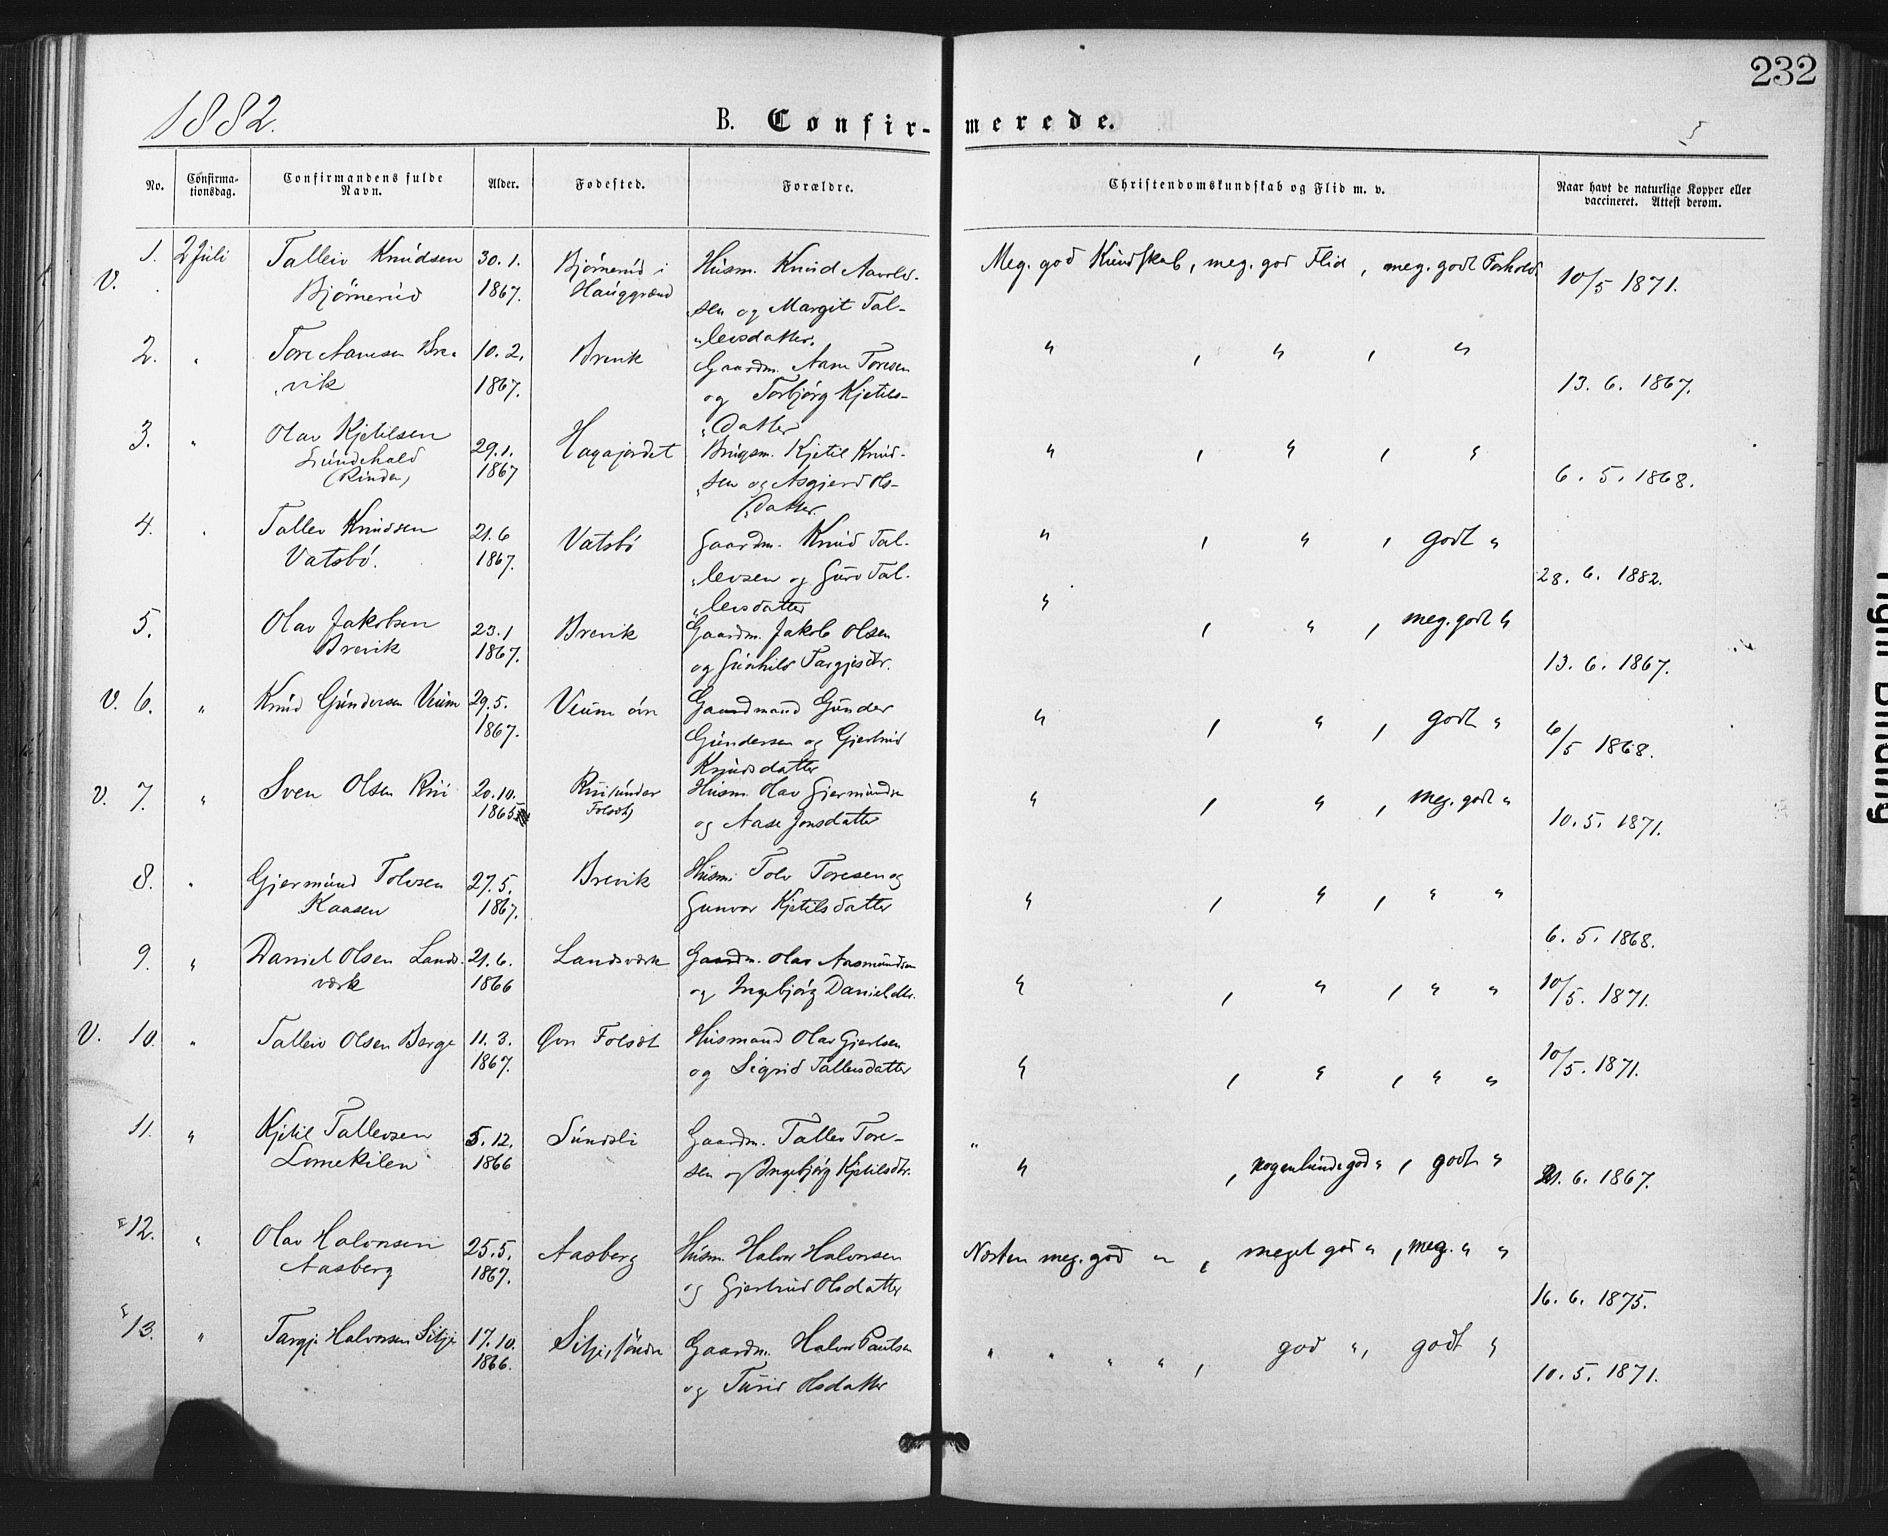 SAKO, Fyresdal kirkebøker, F/Fa/L0006: Ministerialbok nr. I 6, 1872-1886, s. 232